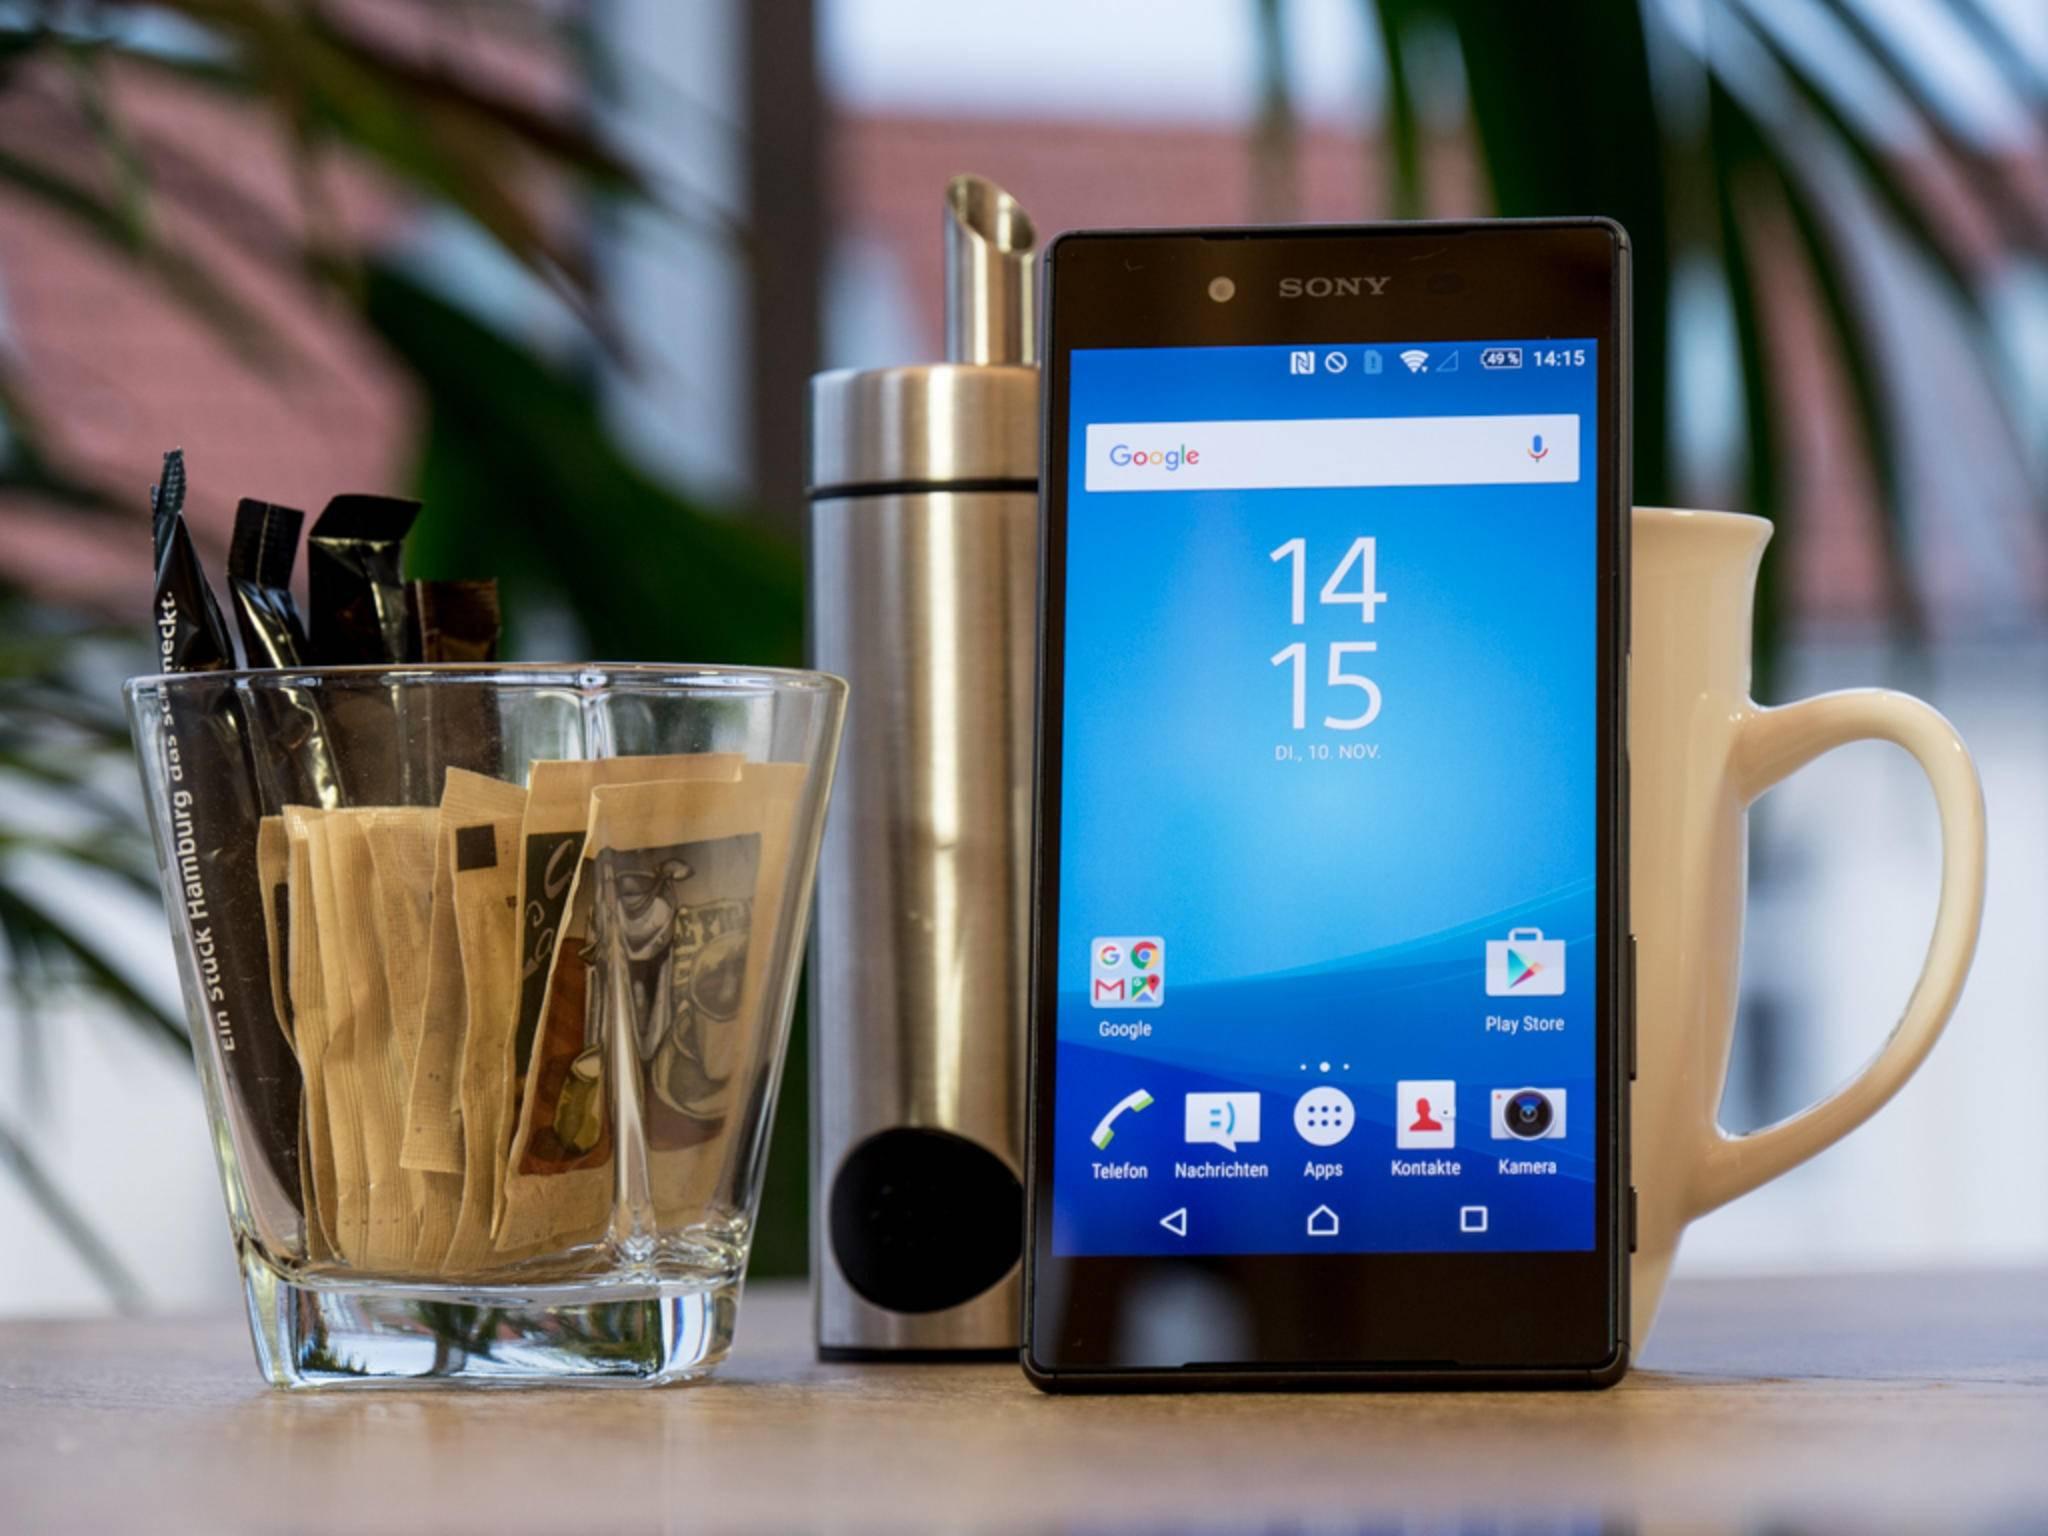 Sony Xperia Z5 5